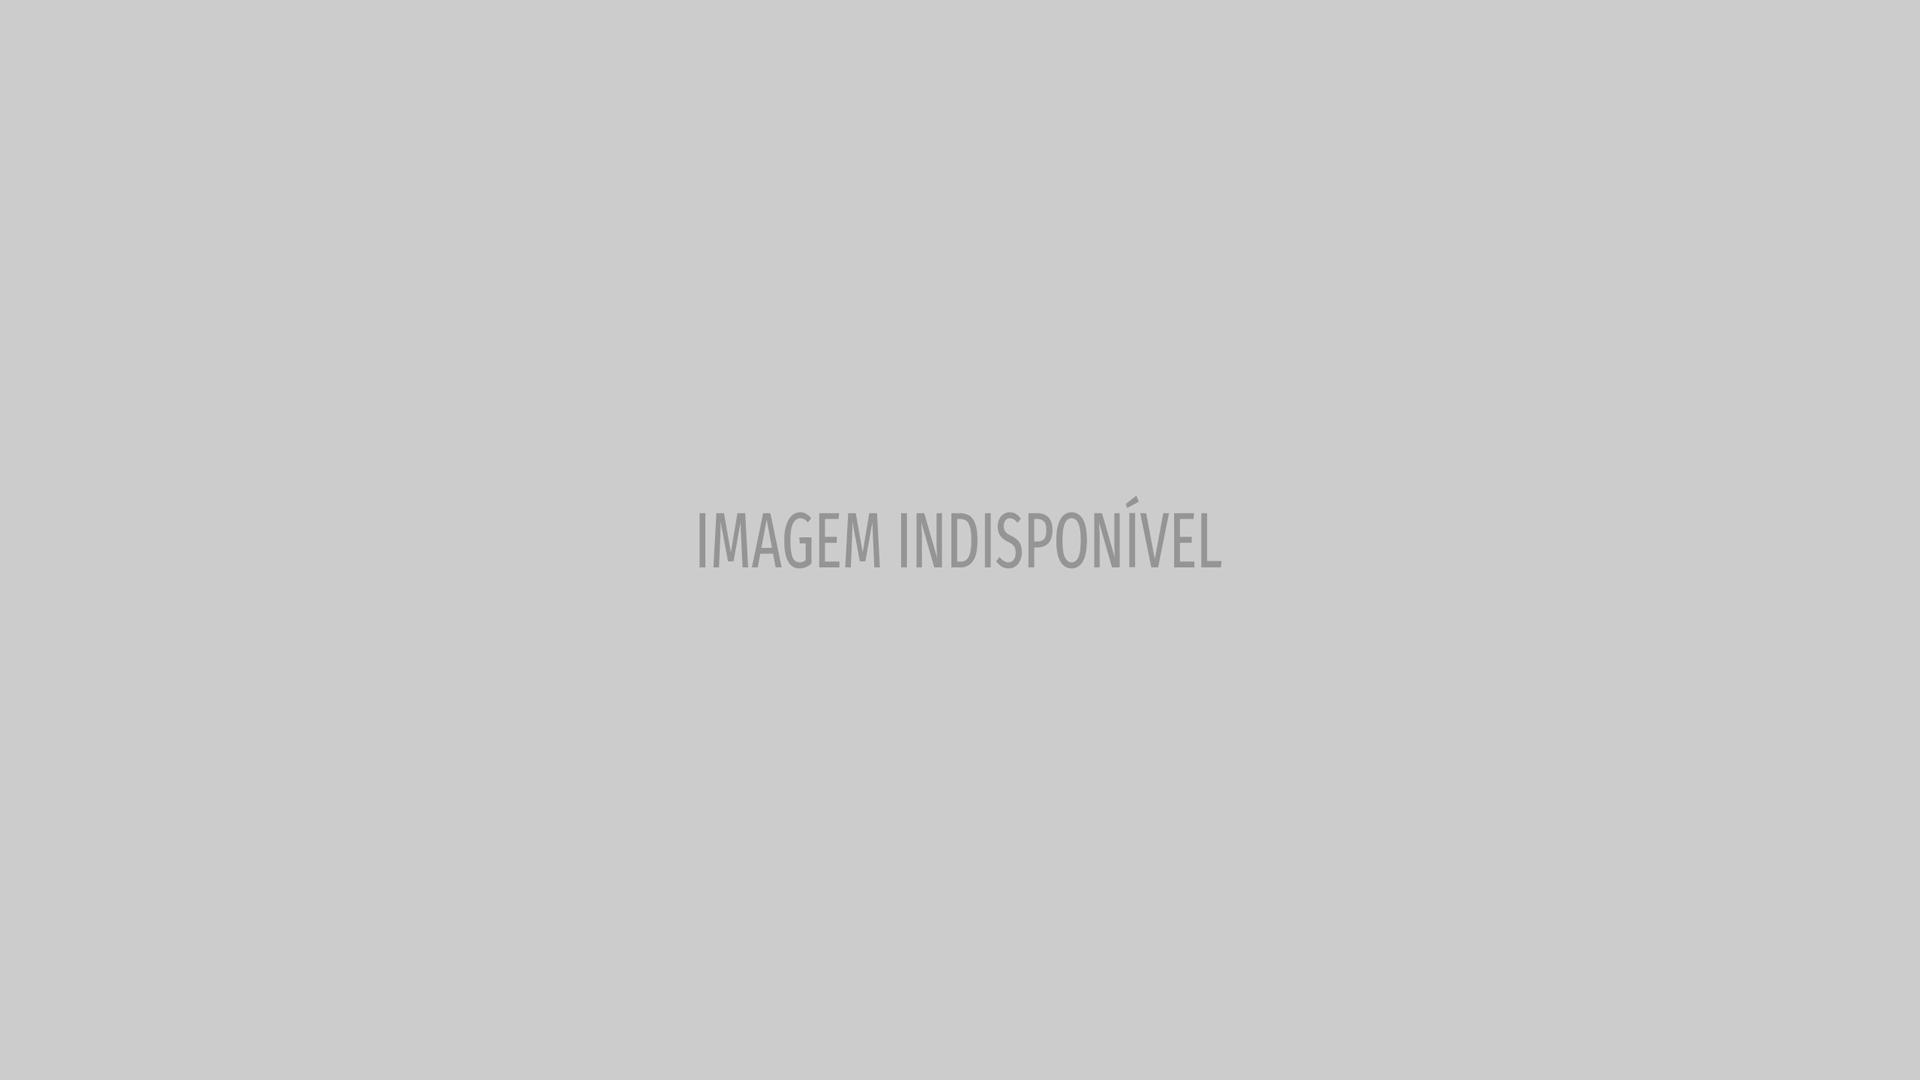 Kim Kardashian pede desculpa após polémica sobre racismo